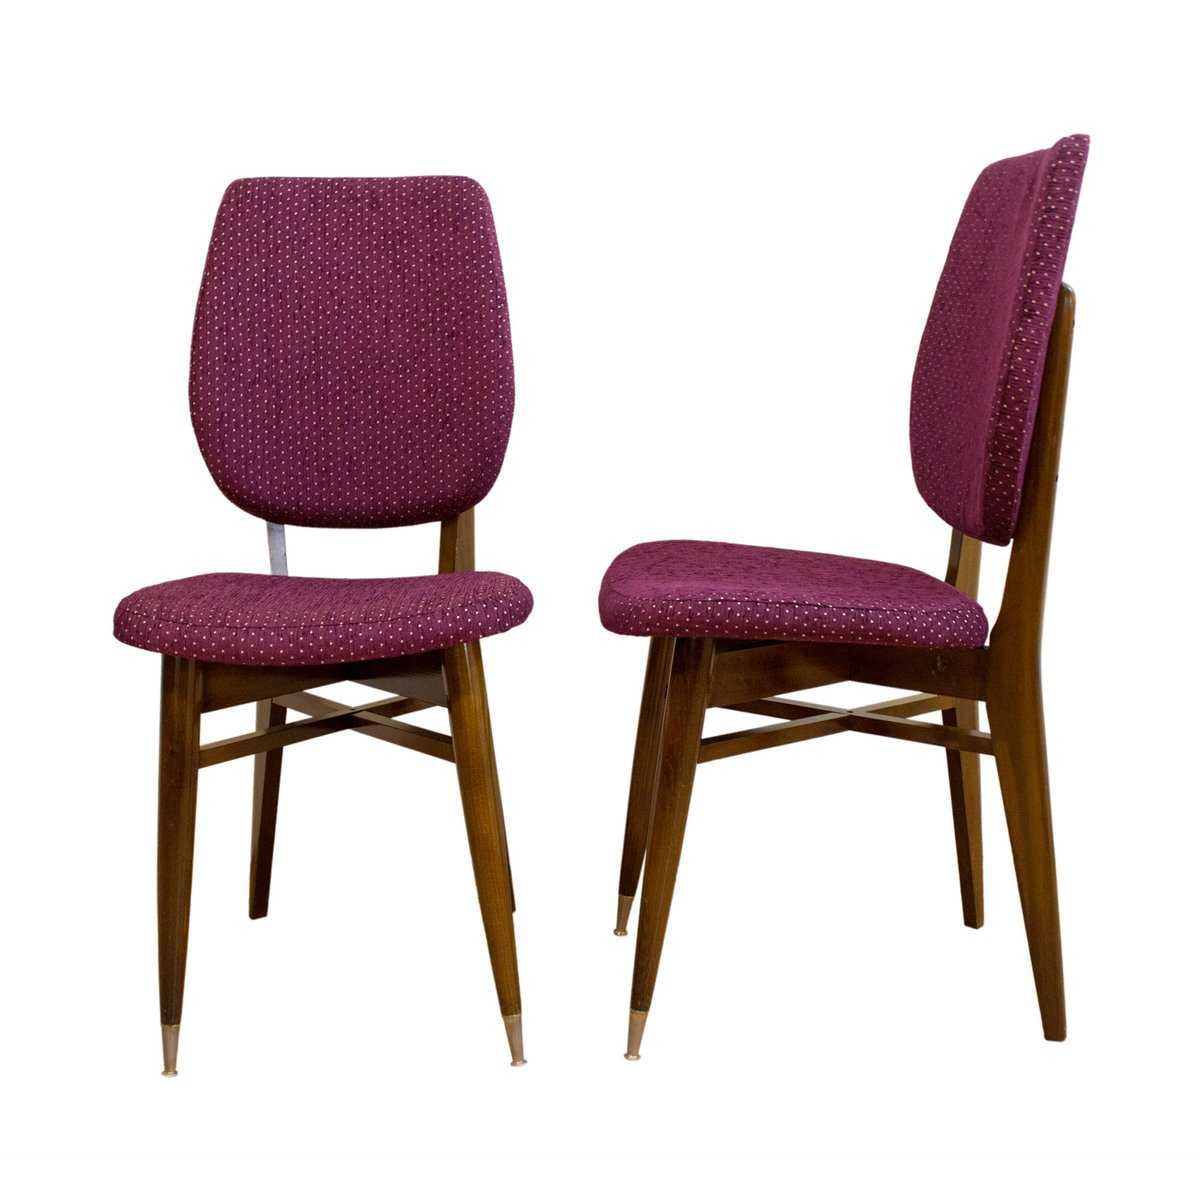 franz sische st hle 1960er 2er set bei pamono kaufen. Black Bedroom Furniture Sets. Home Design Ideas